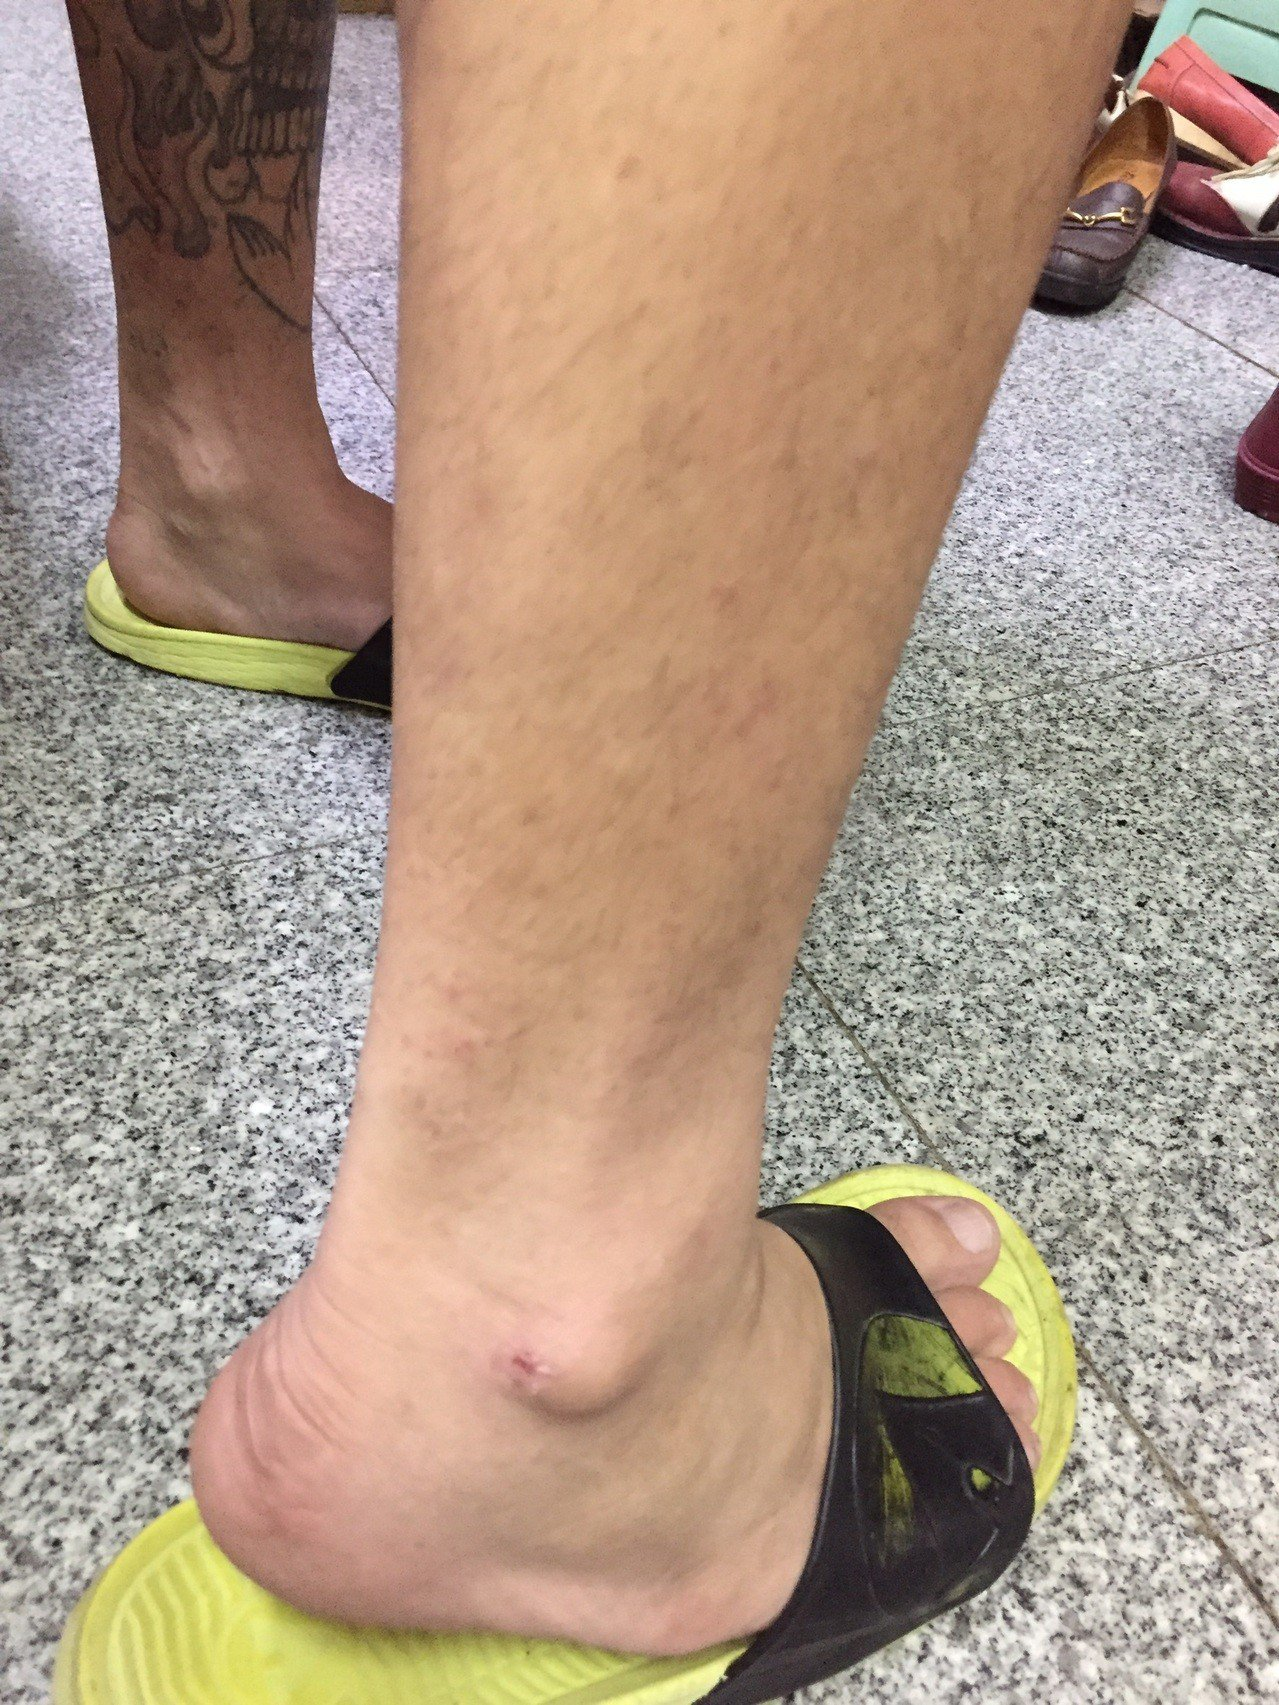 林男被車衝撞又被棍棒毆打,造成手部挫傷及腳部擦傷。記者張媛榆/翻攝